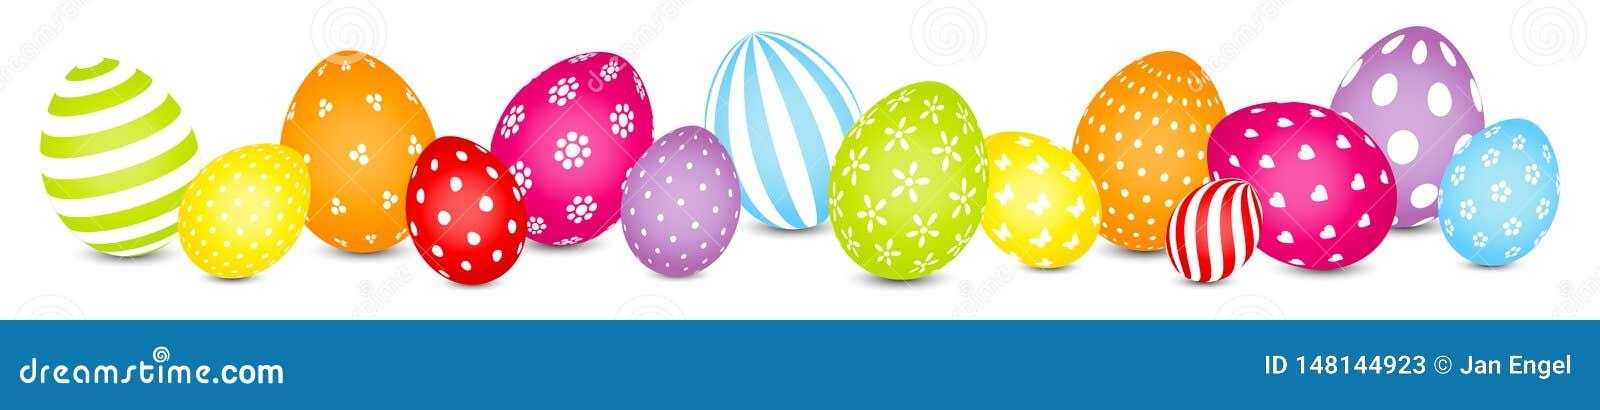 Los huevos de Pascua mezclan la bandera del color del arco iris del modelo